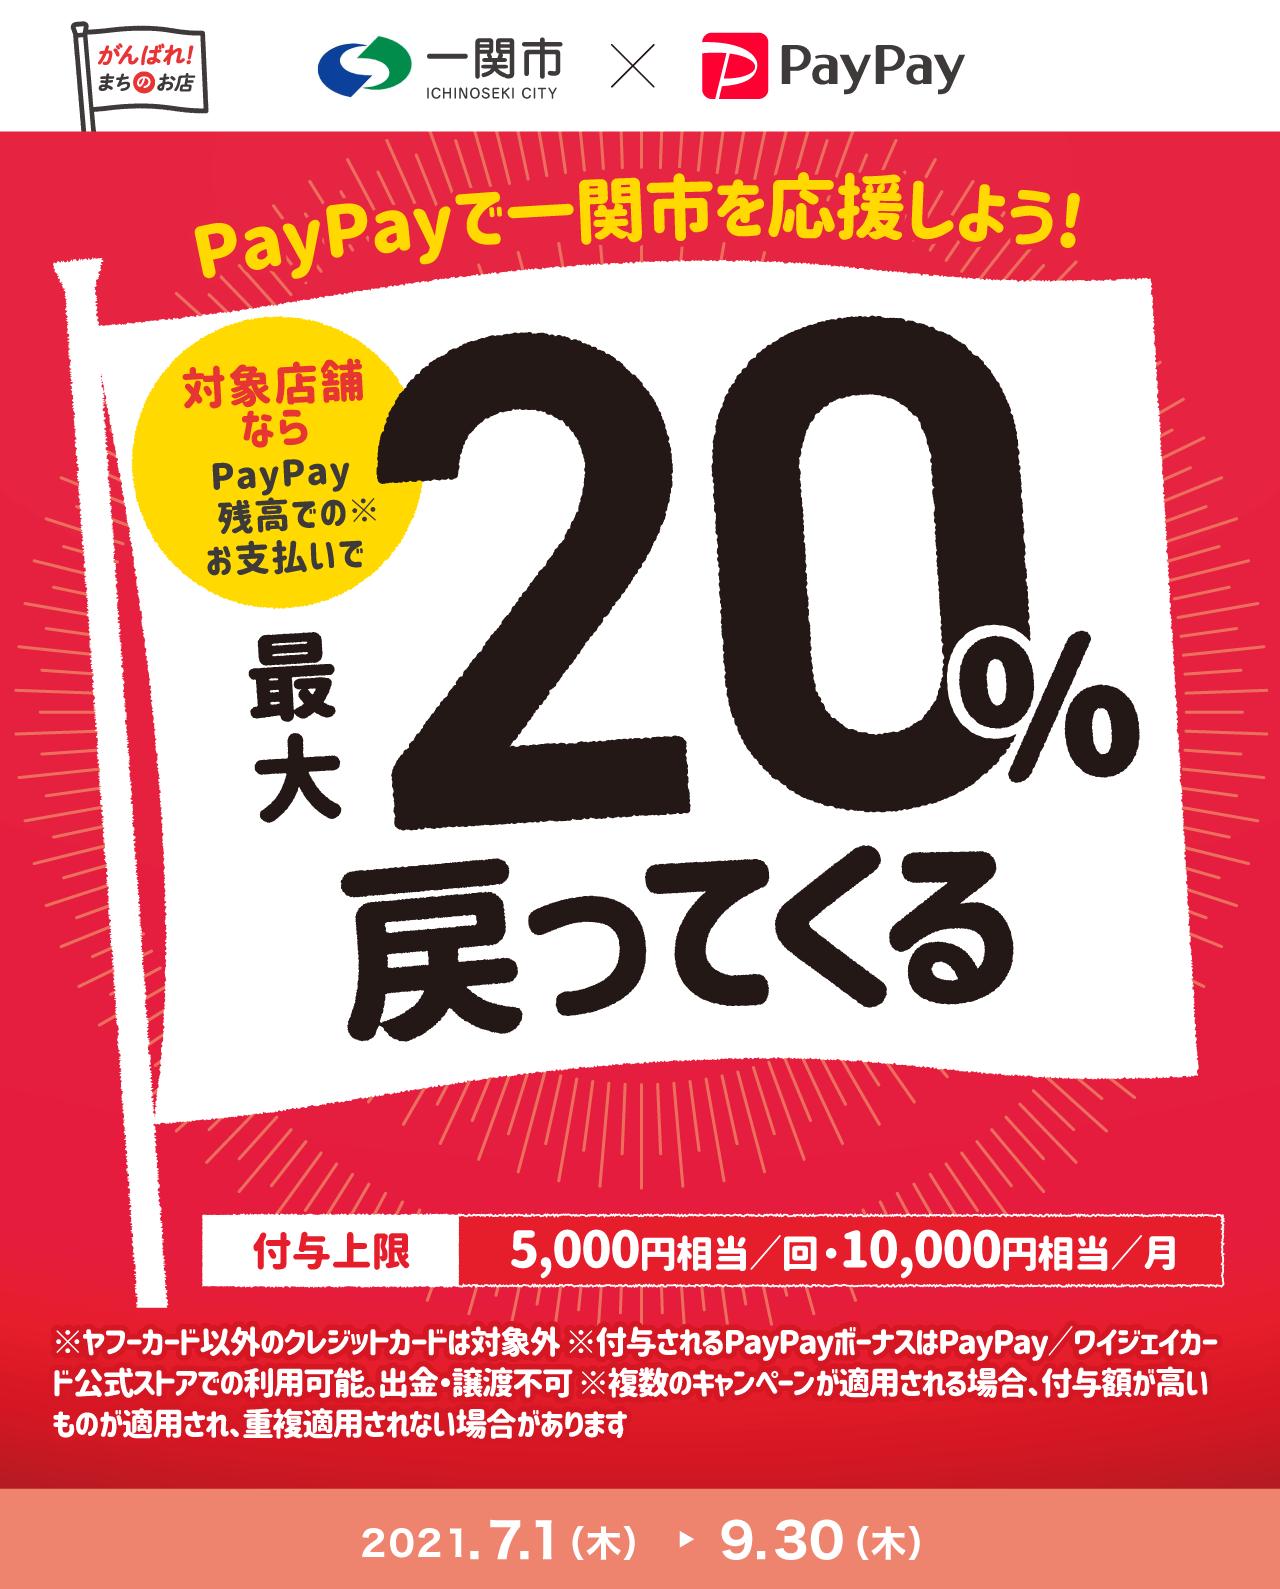 PayPayで一関市を応援しよう! 対象店舗ならPayPay残高でのお支払いで最大20%戻ってくる